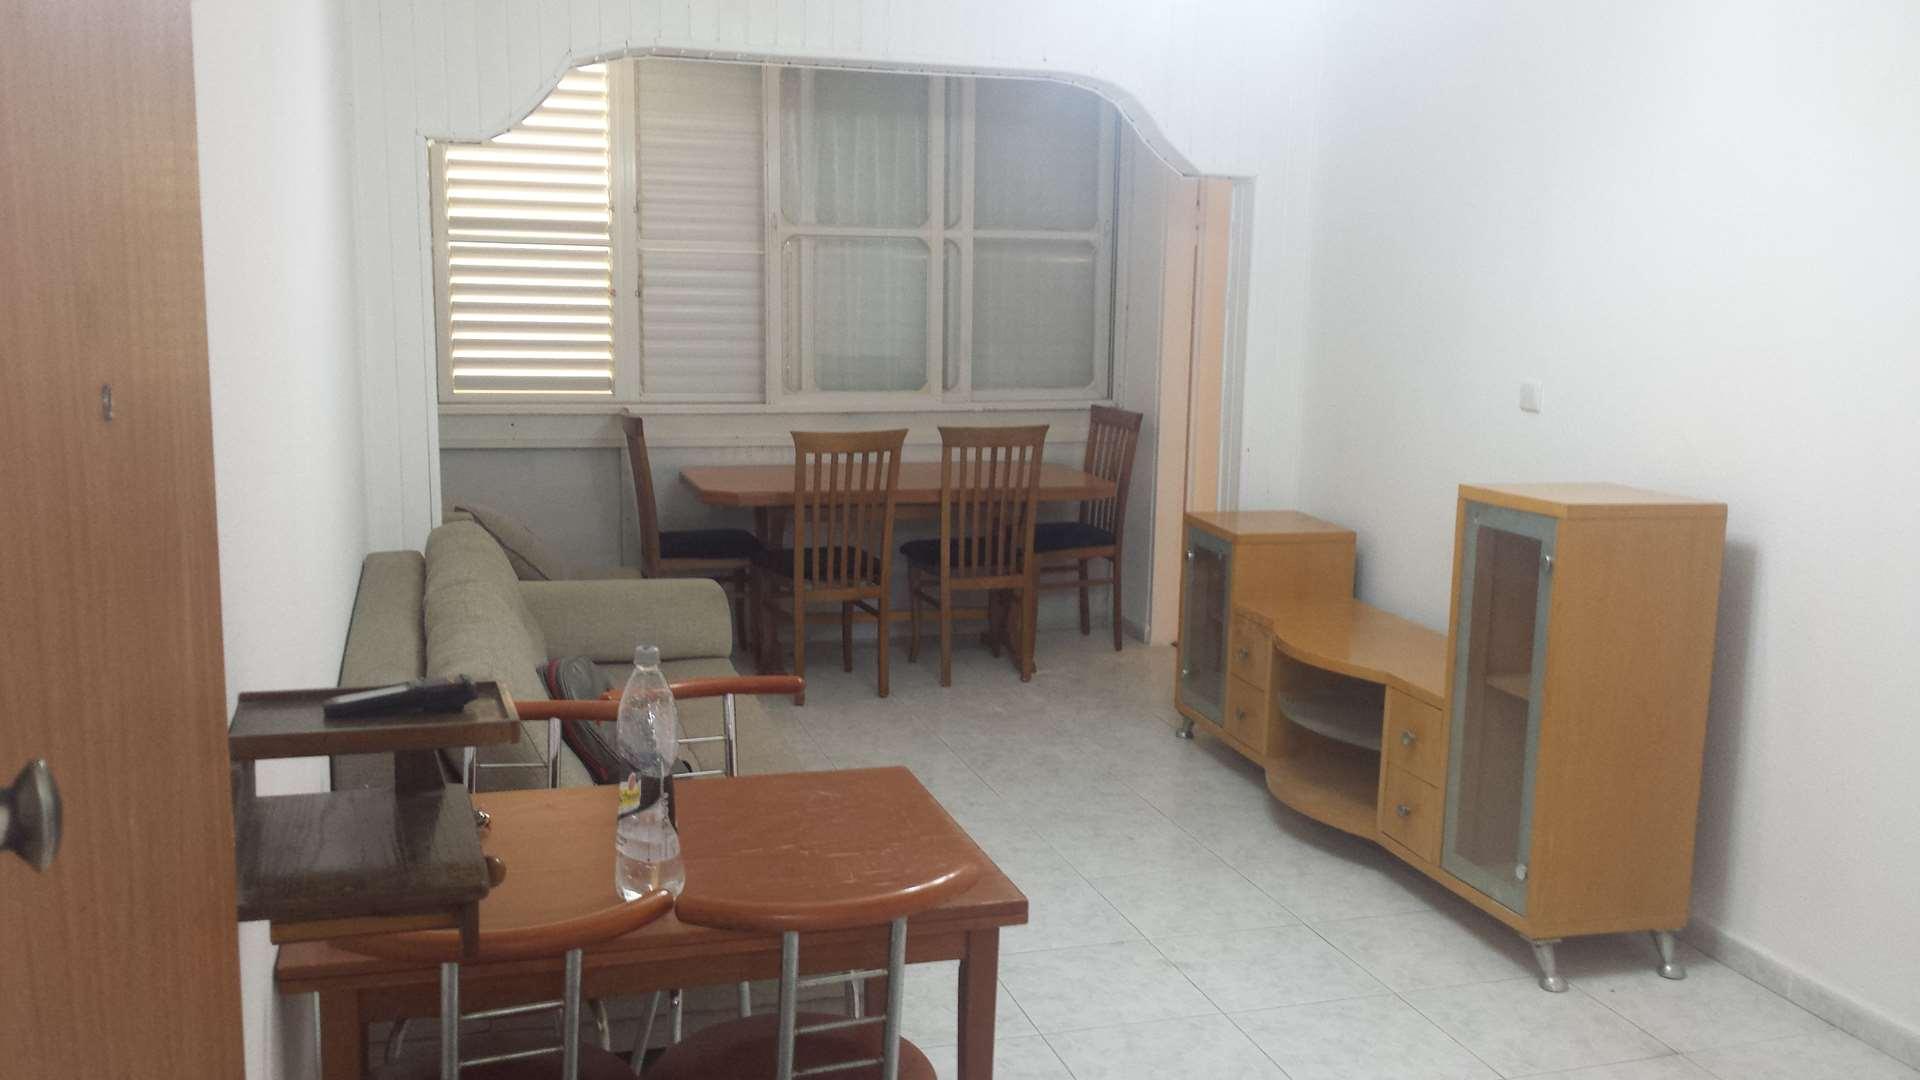 דירה להשכרה 4 חדרים בתל אביב יפו נרדור 10